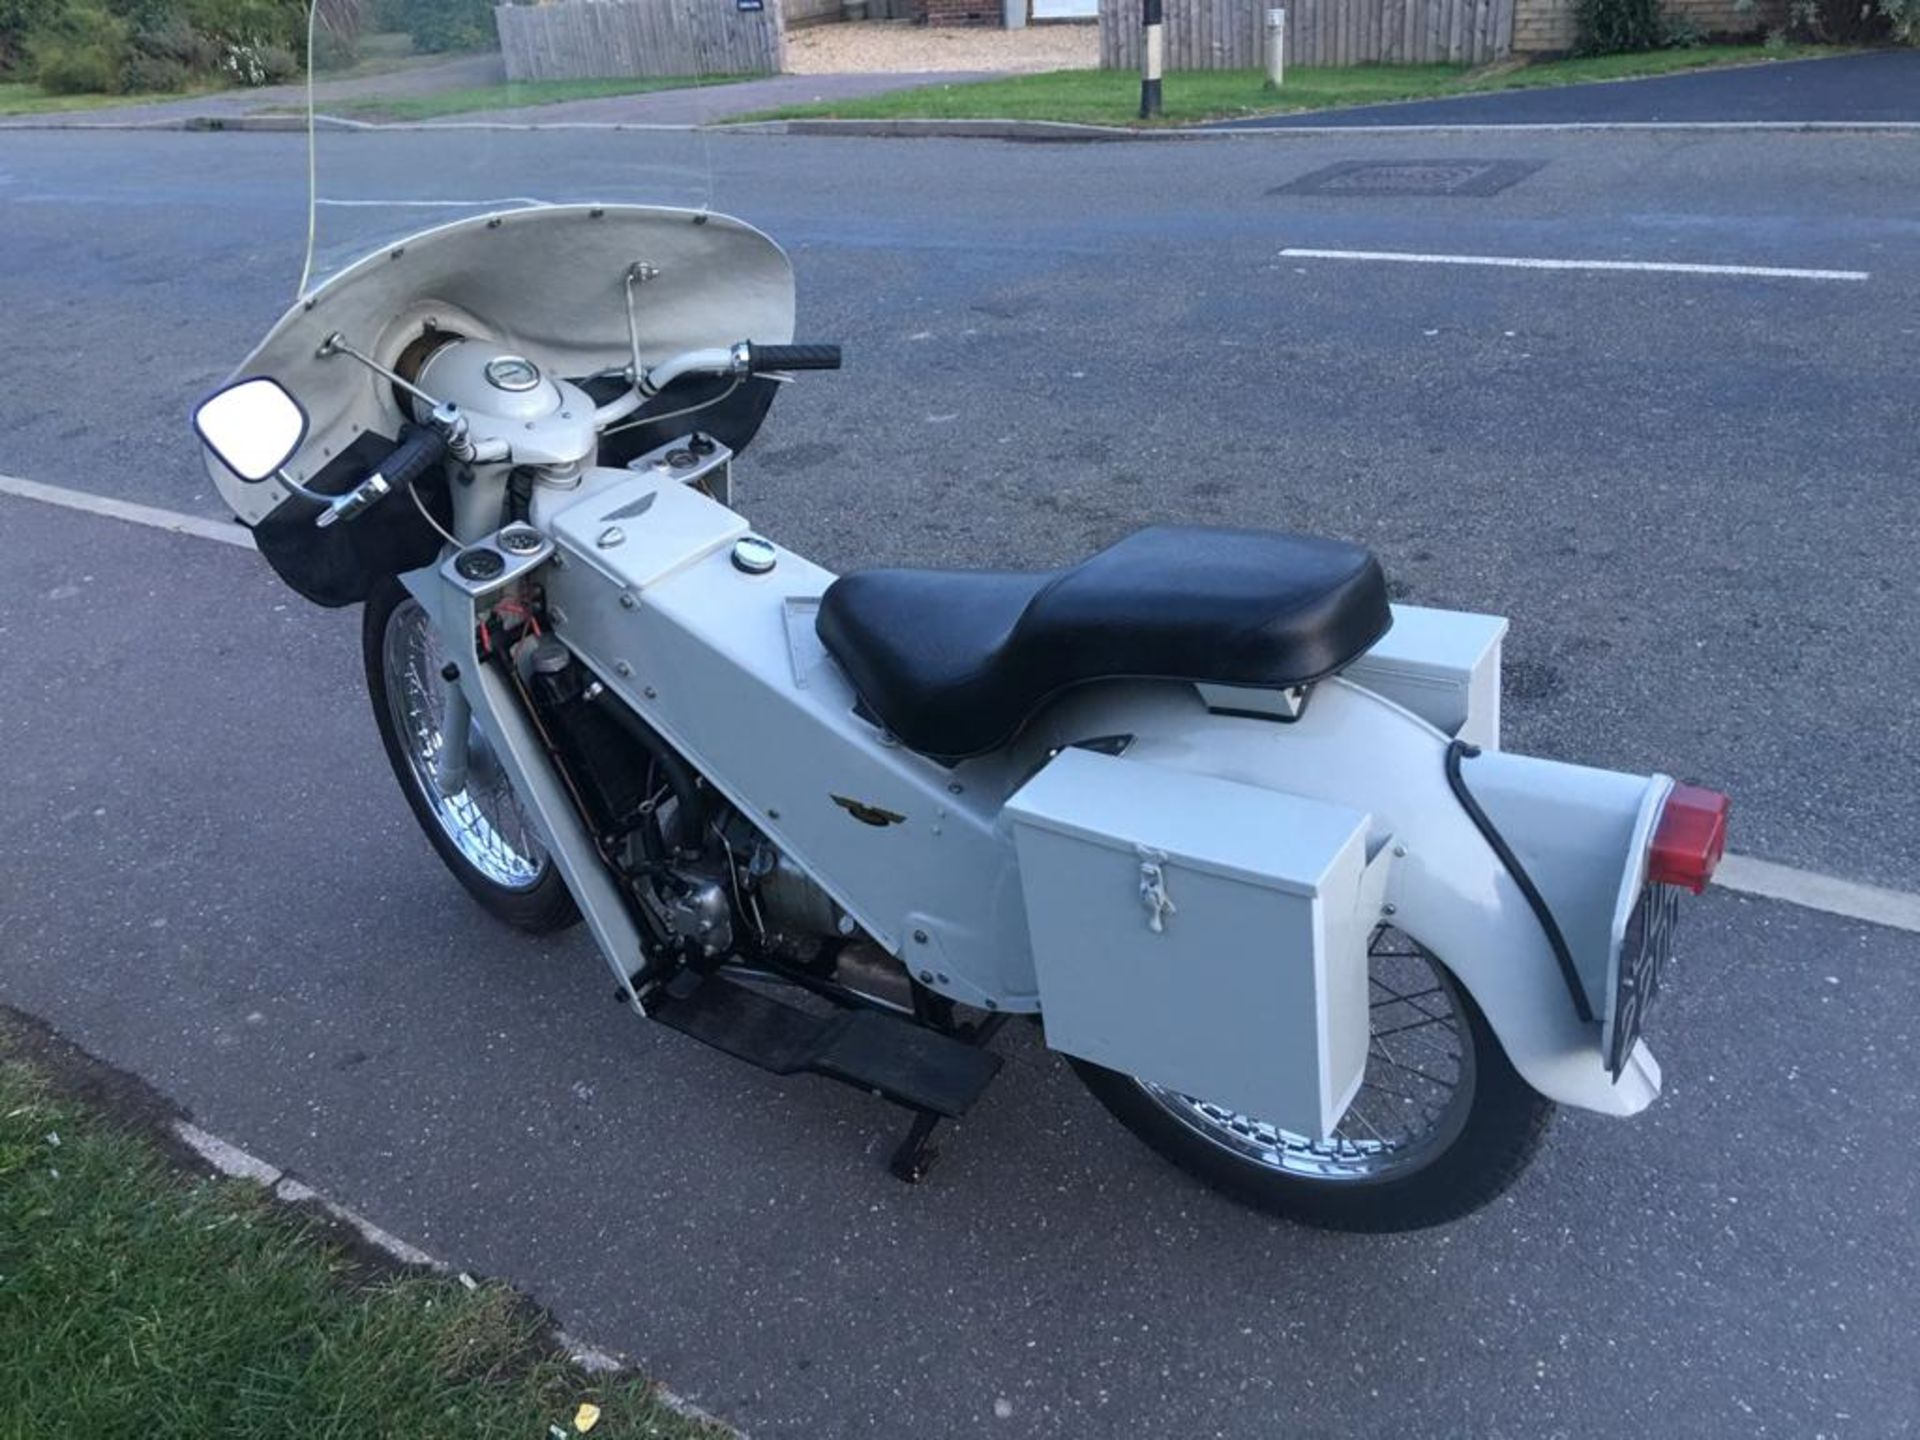 1966 VELOCETTE MOTOR BIKE - Image 4 of 13